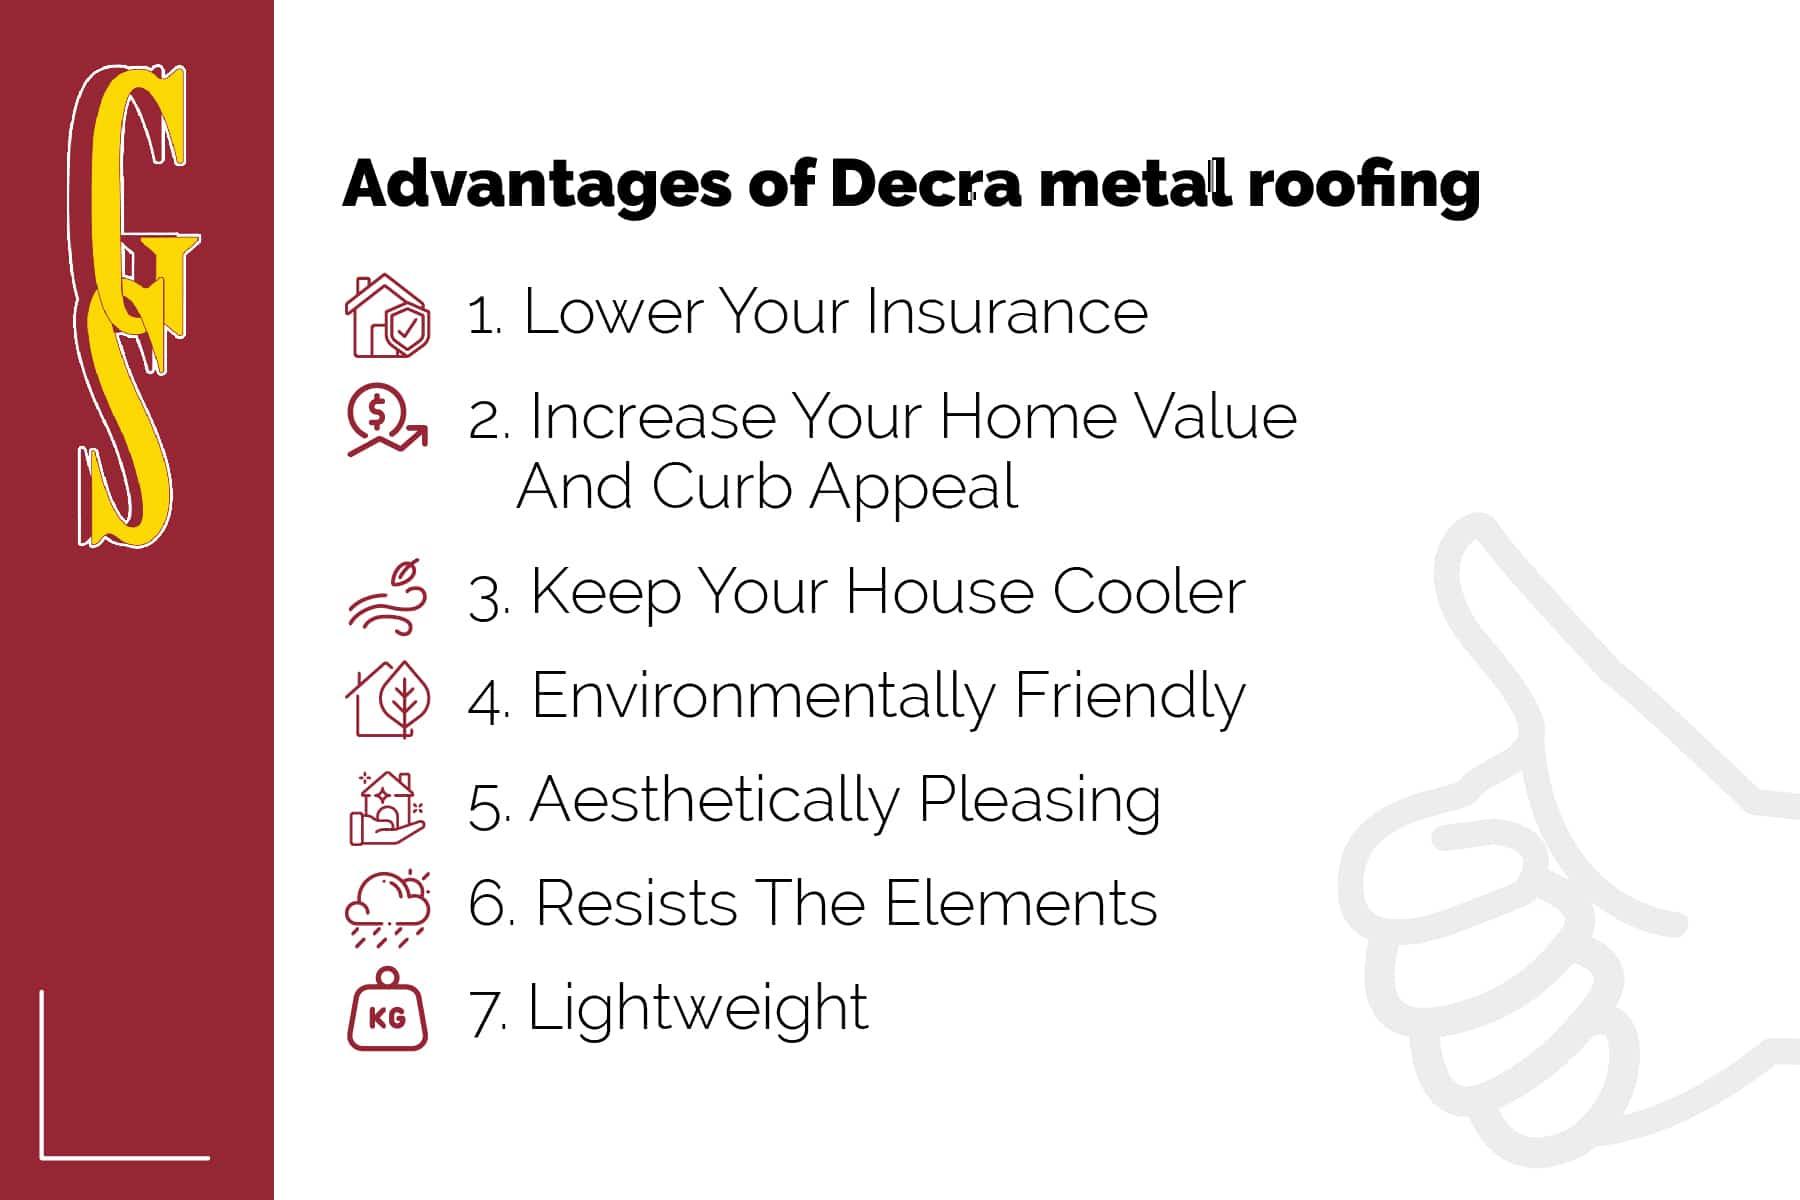 advantages of decra metal roofing